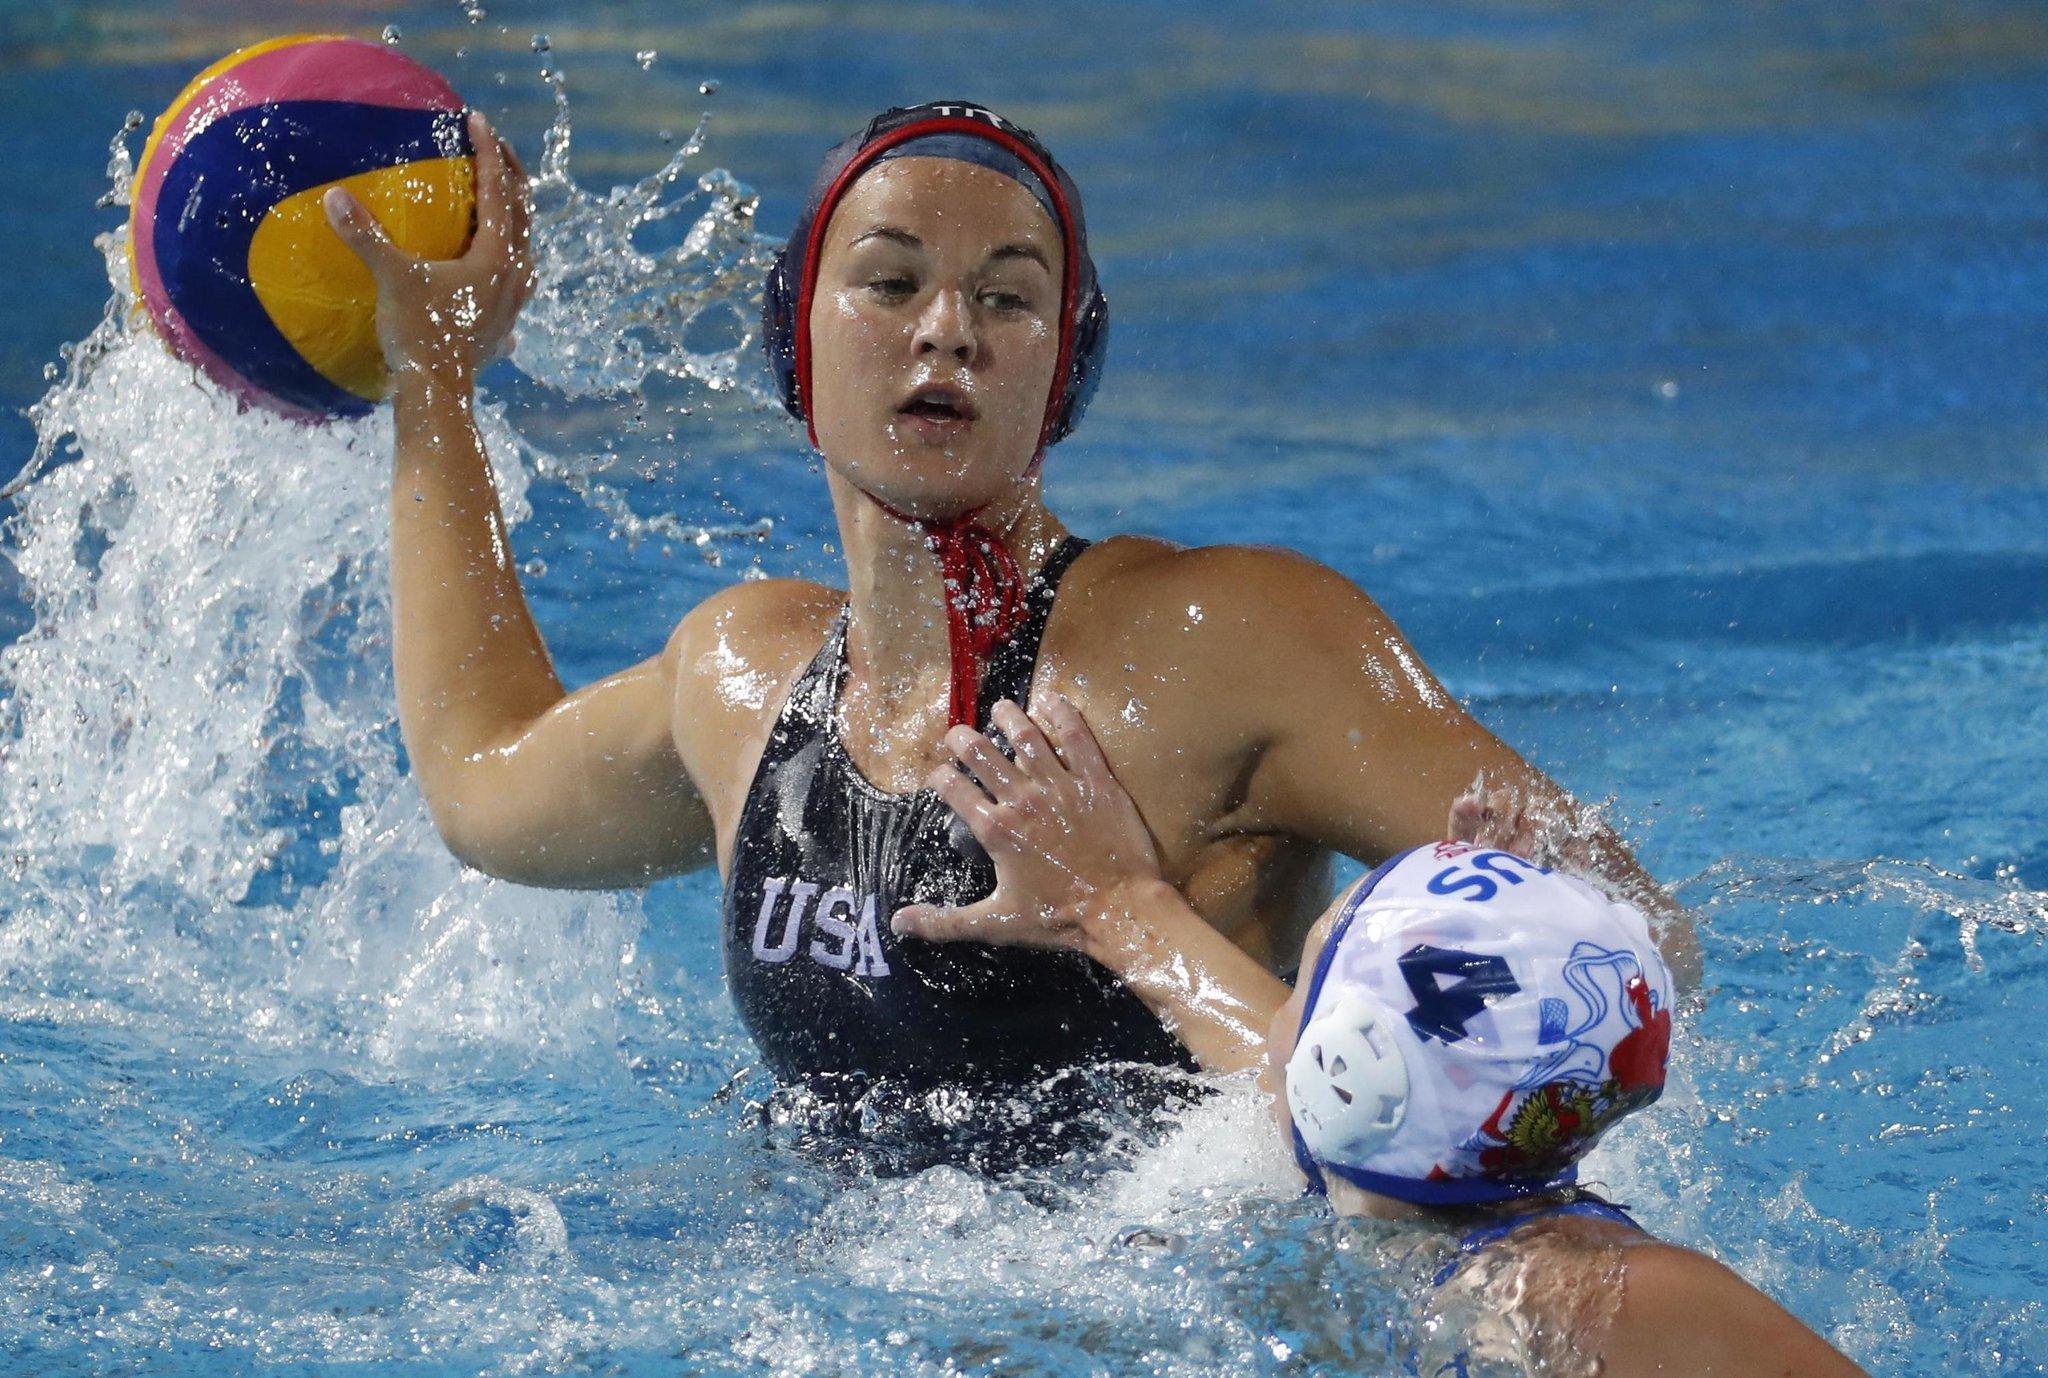 женская сборная россии по водному поло фото что увидимся